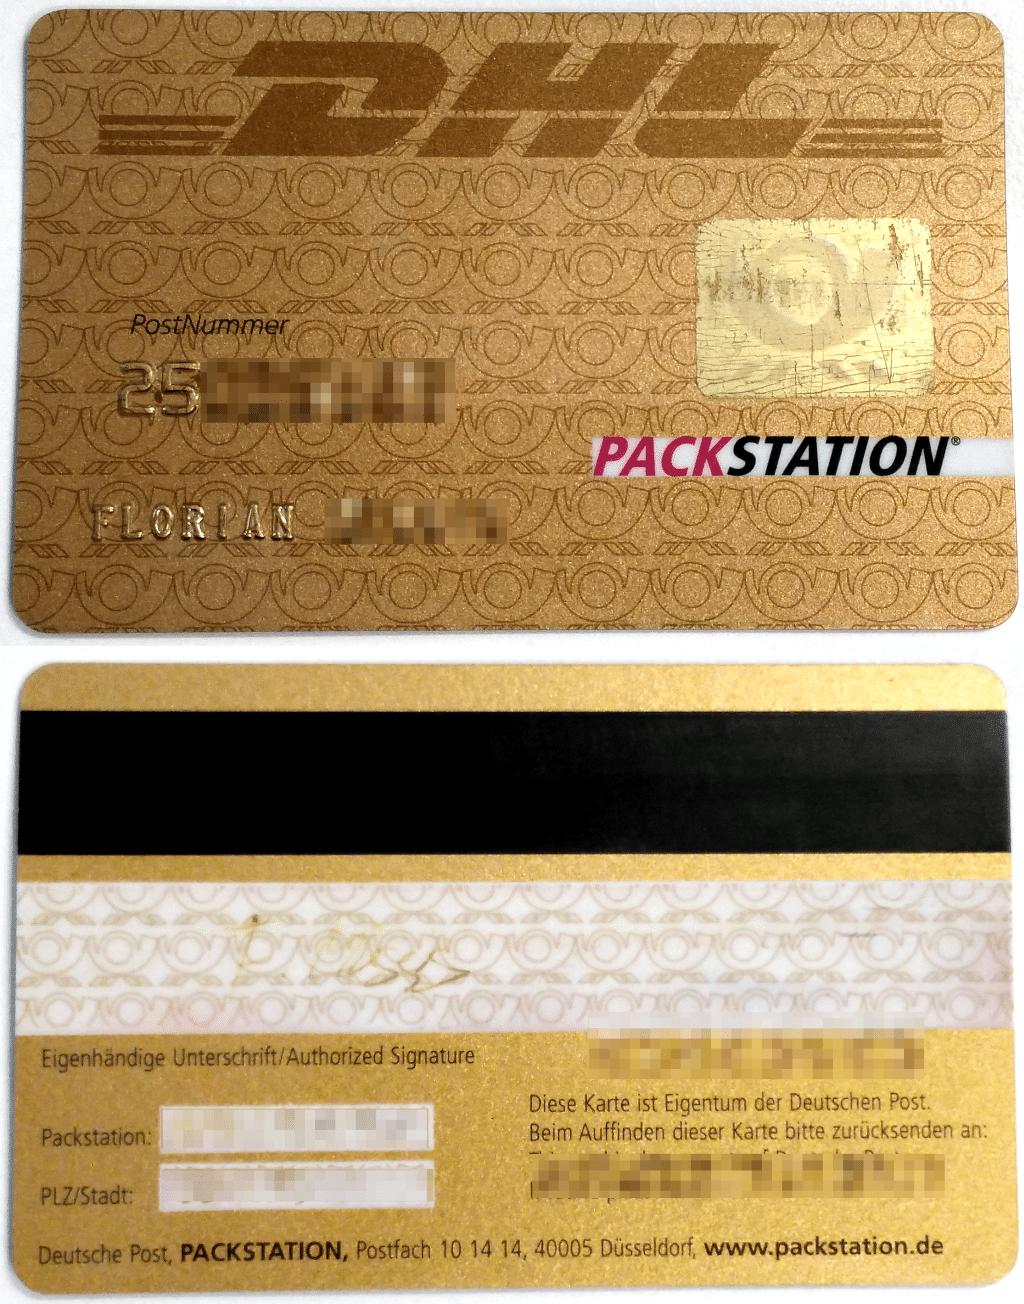 Vor- und Rückseite der DHL-Kundenkarte. Bei diesem Exemplar hat das Hologramm auf der Vorderseite schon gelitten.